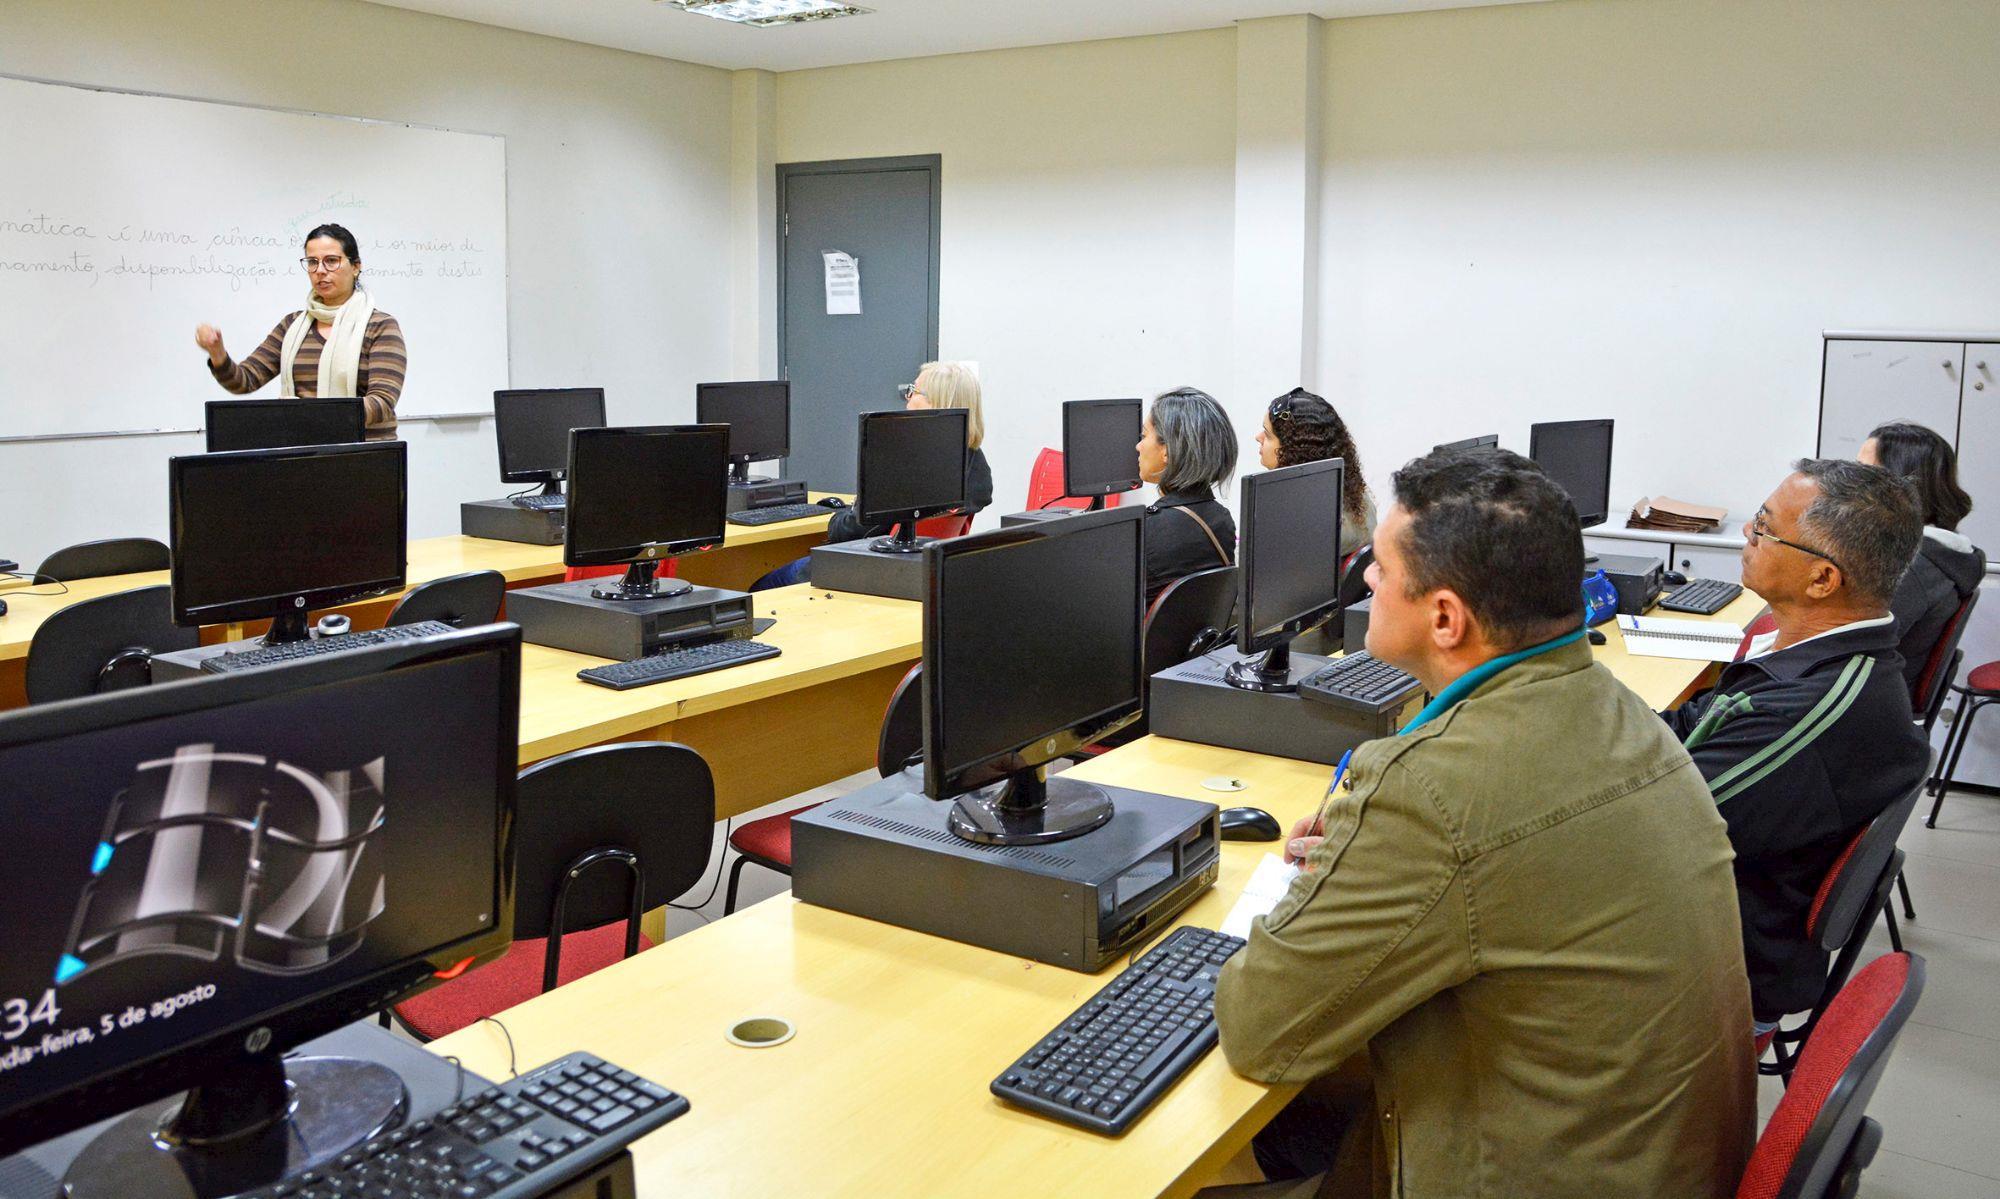 curso, gratuito, smetal, rise, informática,, Foguinho/Imprensa SMetal